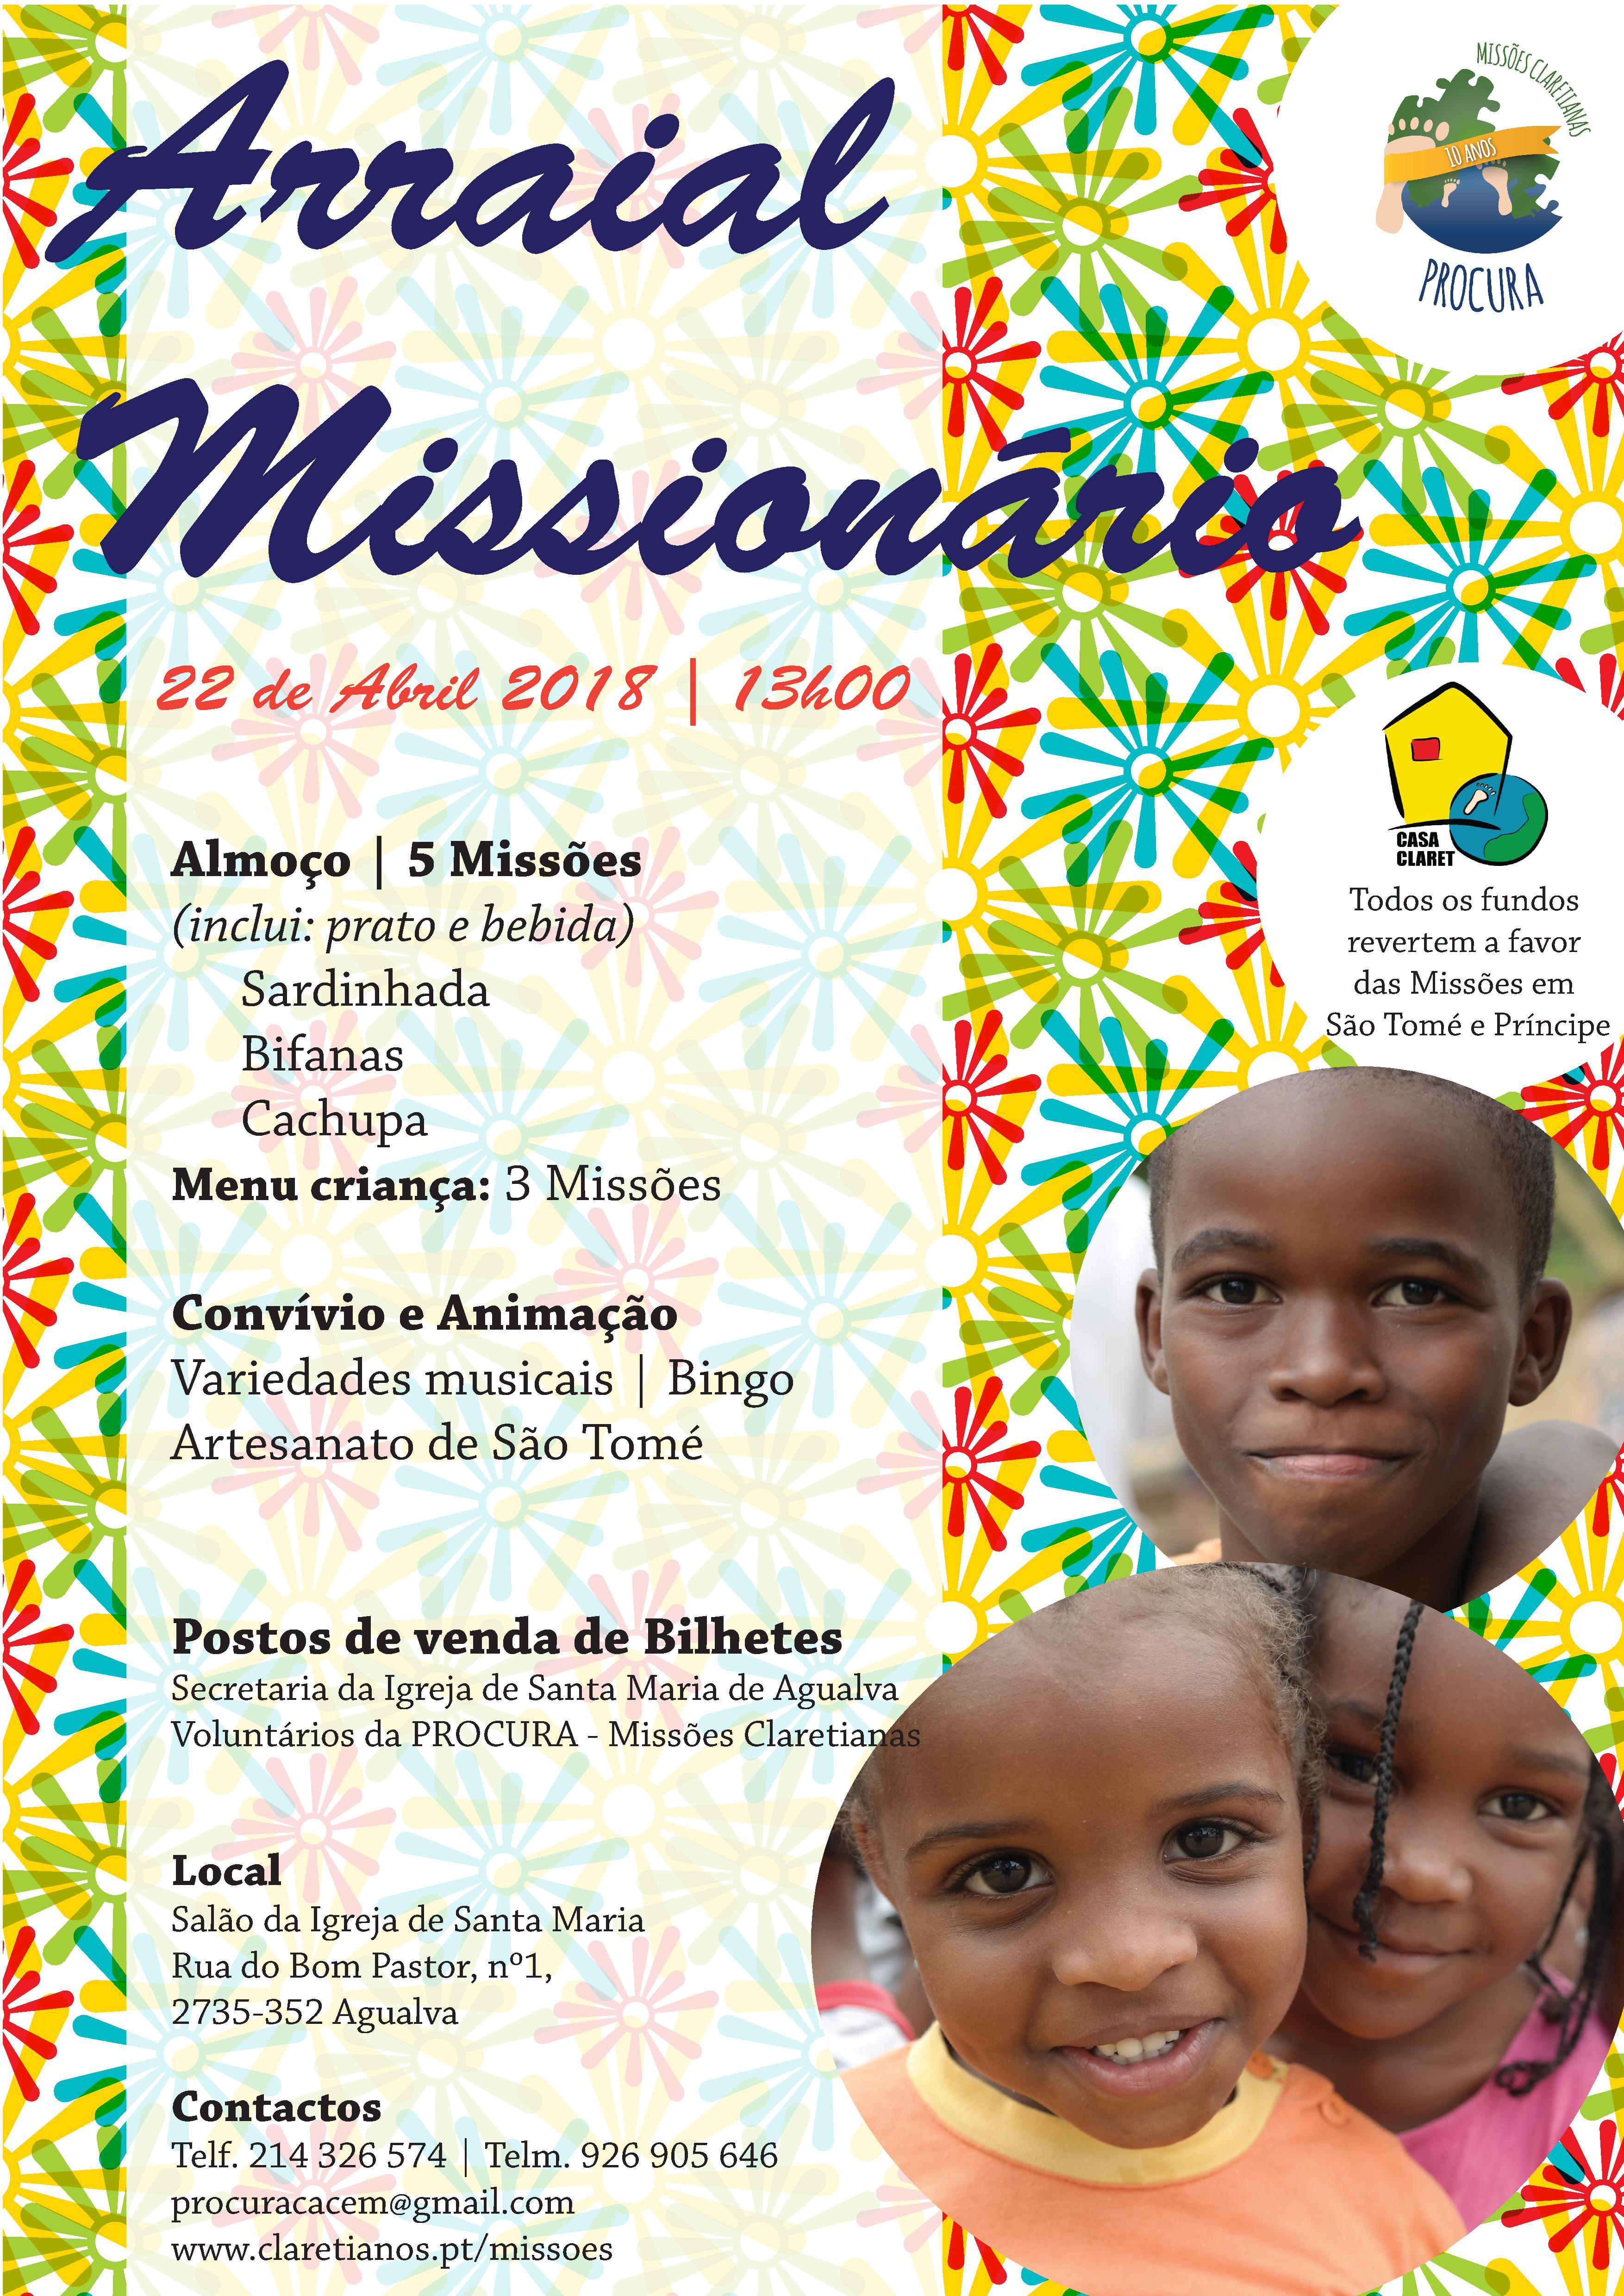 2018 04 22 Arraial Missionário